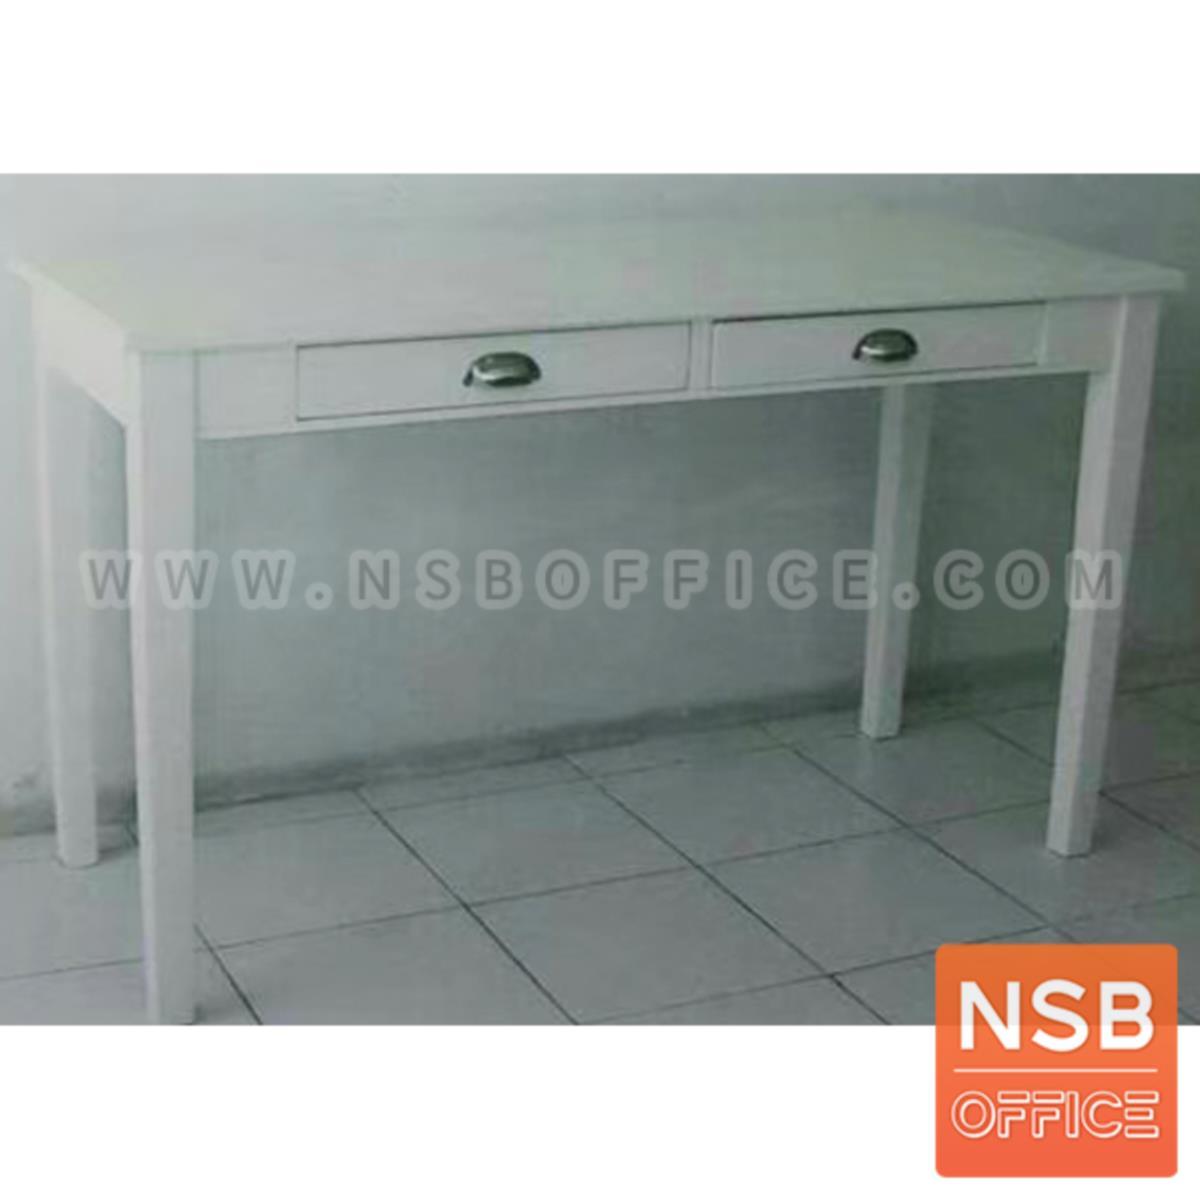 โต๊ะเหลี่ยมไม้ยางพารา 2 ลิ้นชัก รุ่น Ben (เบน) ขนาด 120W*50D*75H cm.